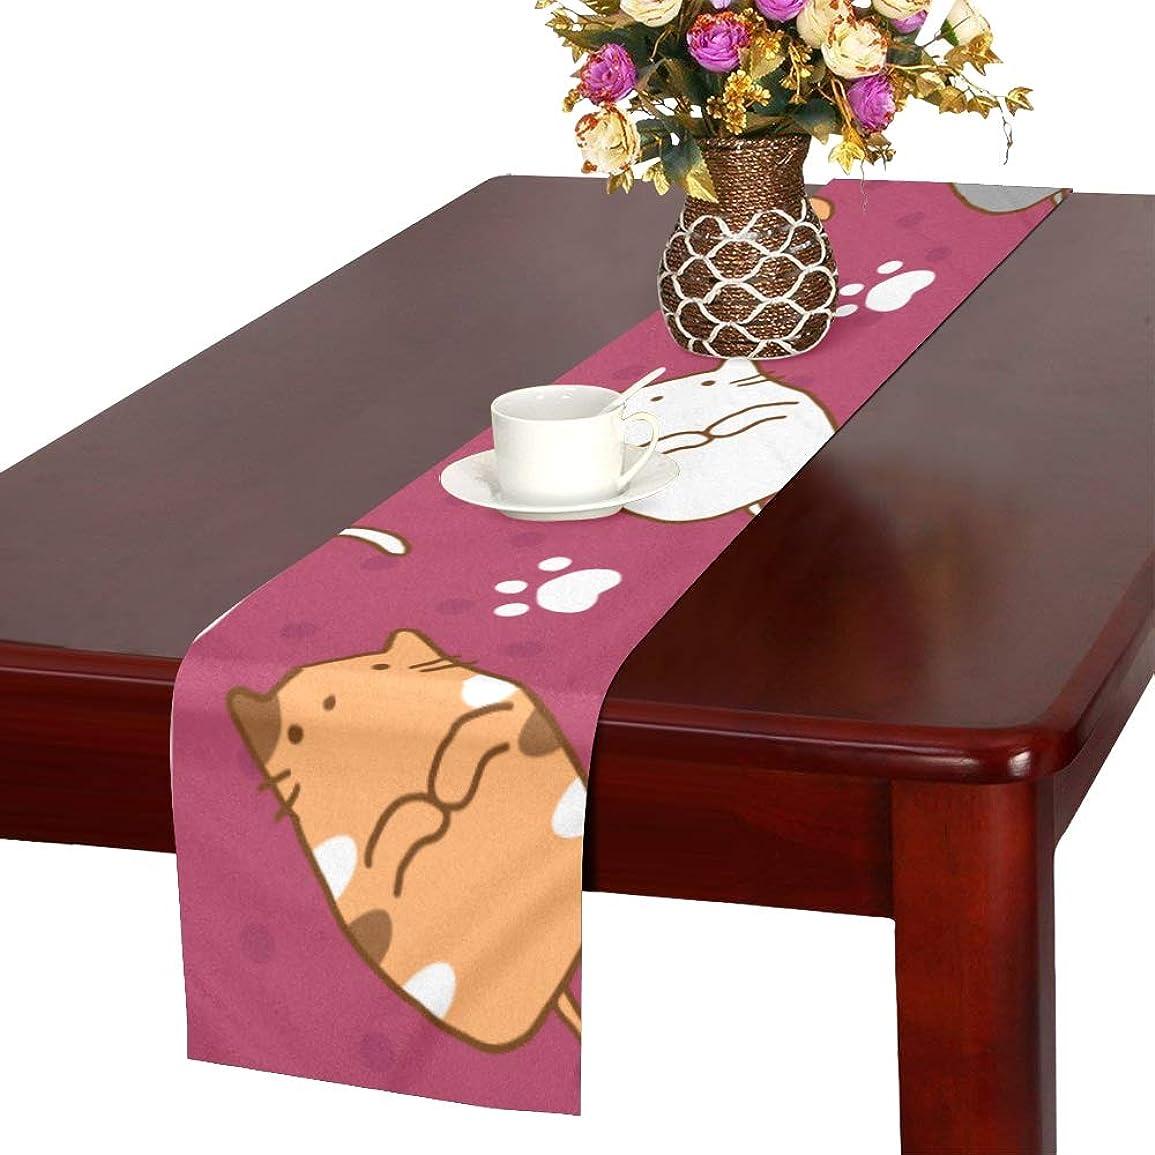 富乳白色馬力GGSXD テーブルランナー 面白い 赤い猫 クロス 食卓カバー 麻綿製 欧米 おしゃれ 16 Inch X 72 Inch (40cm X 182cm) キッチン ダイニング ホーム デコレーション モダン リビング 洗える